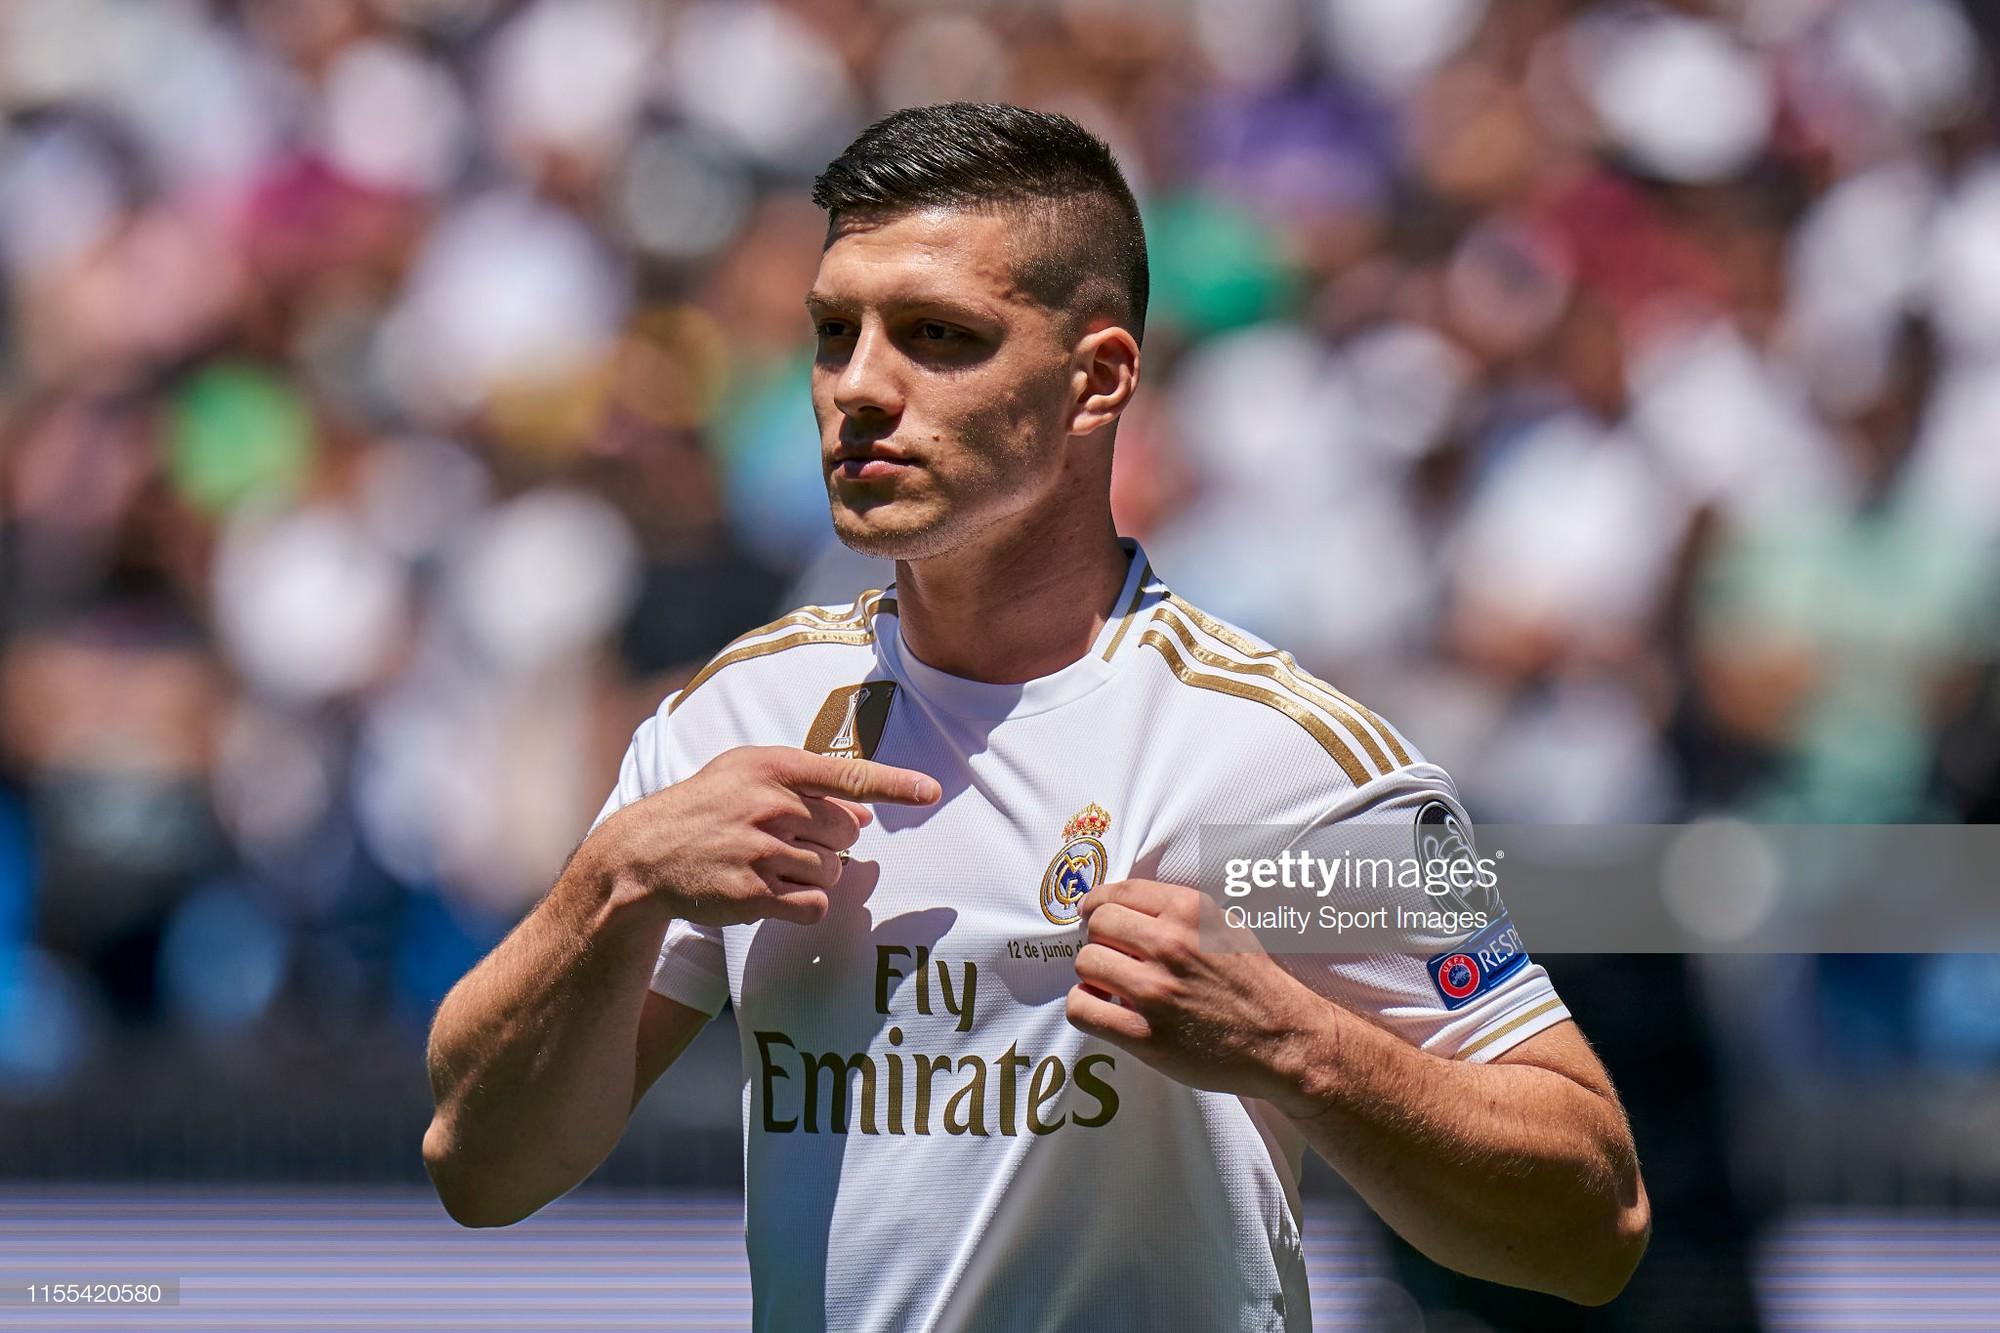 Tân binh siêu đẹp trai trị giá 1.600 tỷ VNĐ của Real Madrid ra mắt khán giả với khuôn mặt lạnh như tiền - Ảnh 4.